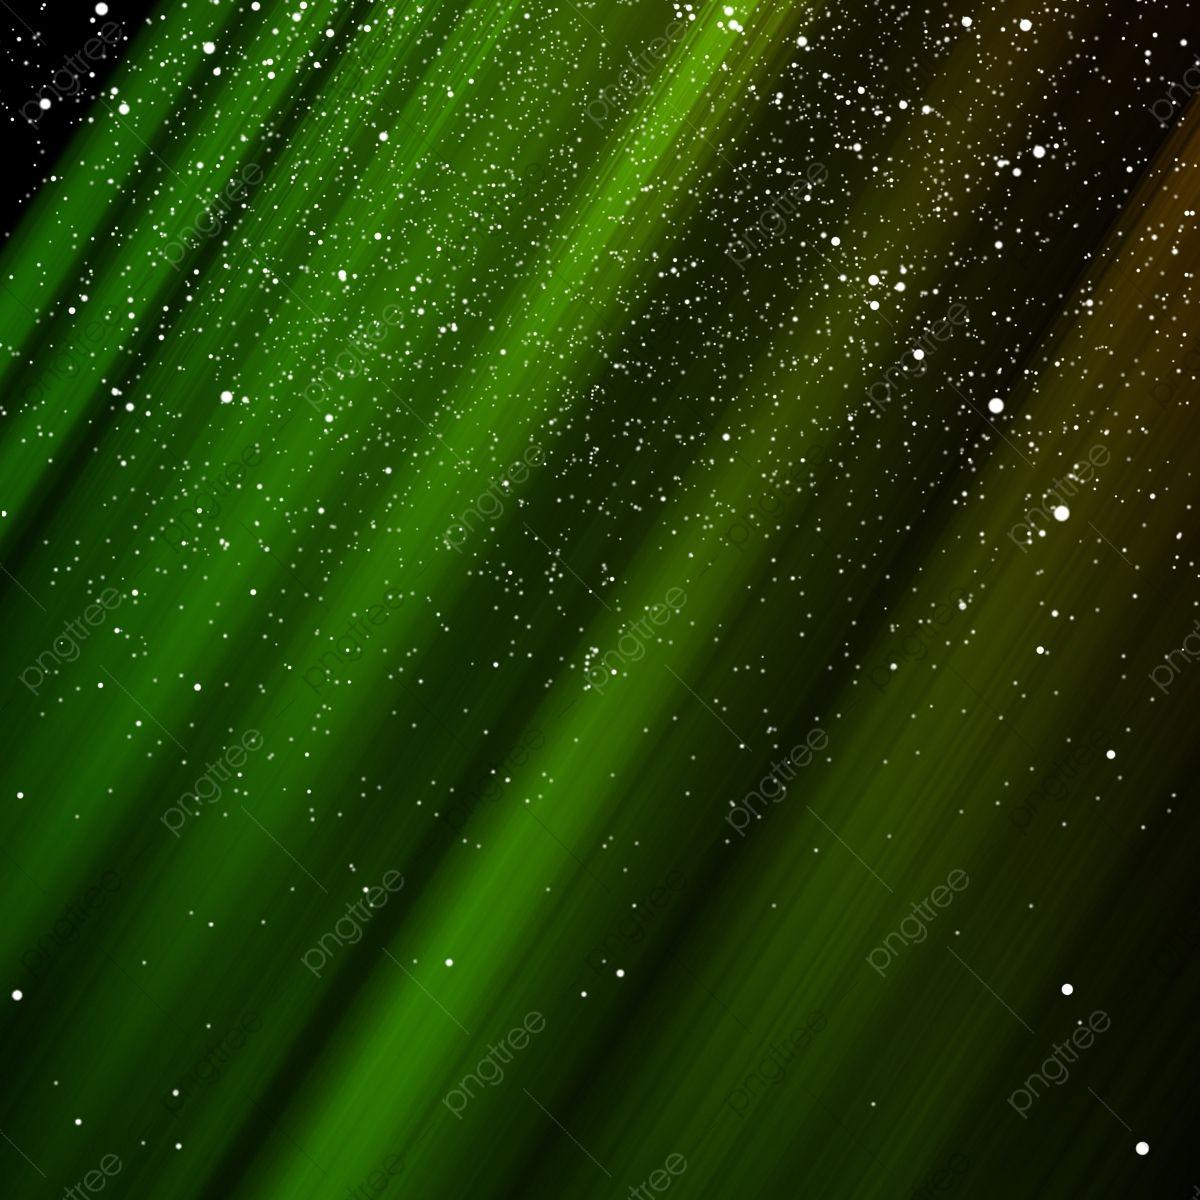 مجردة خلفية خضراء متوهجة قالب الجسيمات للتصميم مائل العاب ناريه عصري Png وملف Psd للتحميل مجانا In 2021 Green Backgrounds Lights Background Design